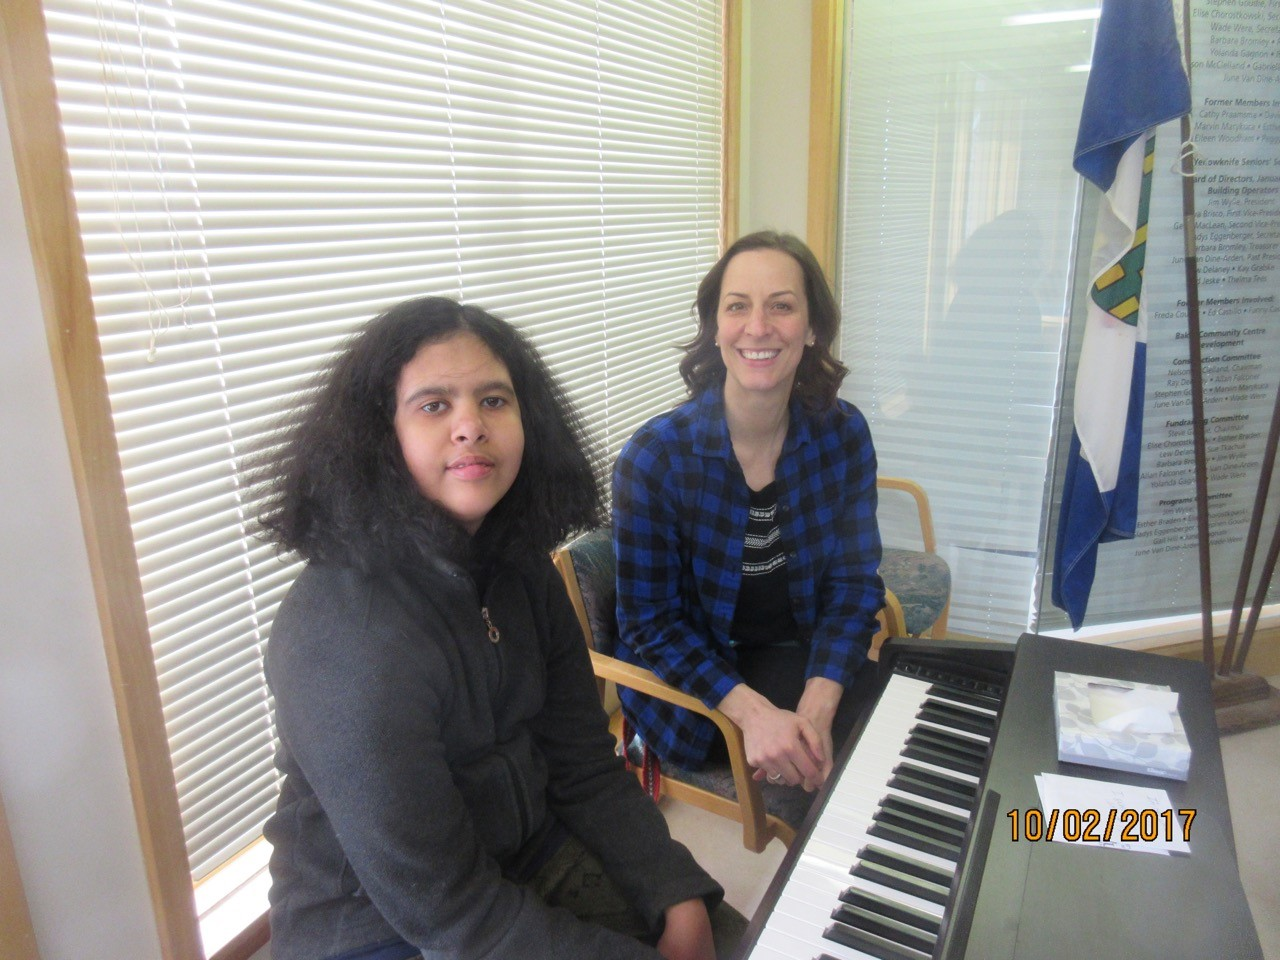 piano entertainment feb 10th.jpg